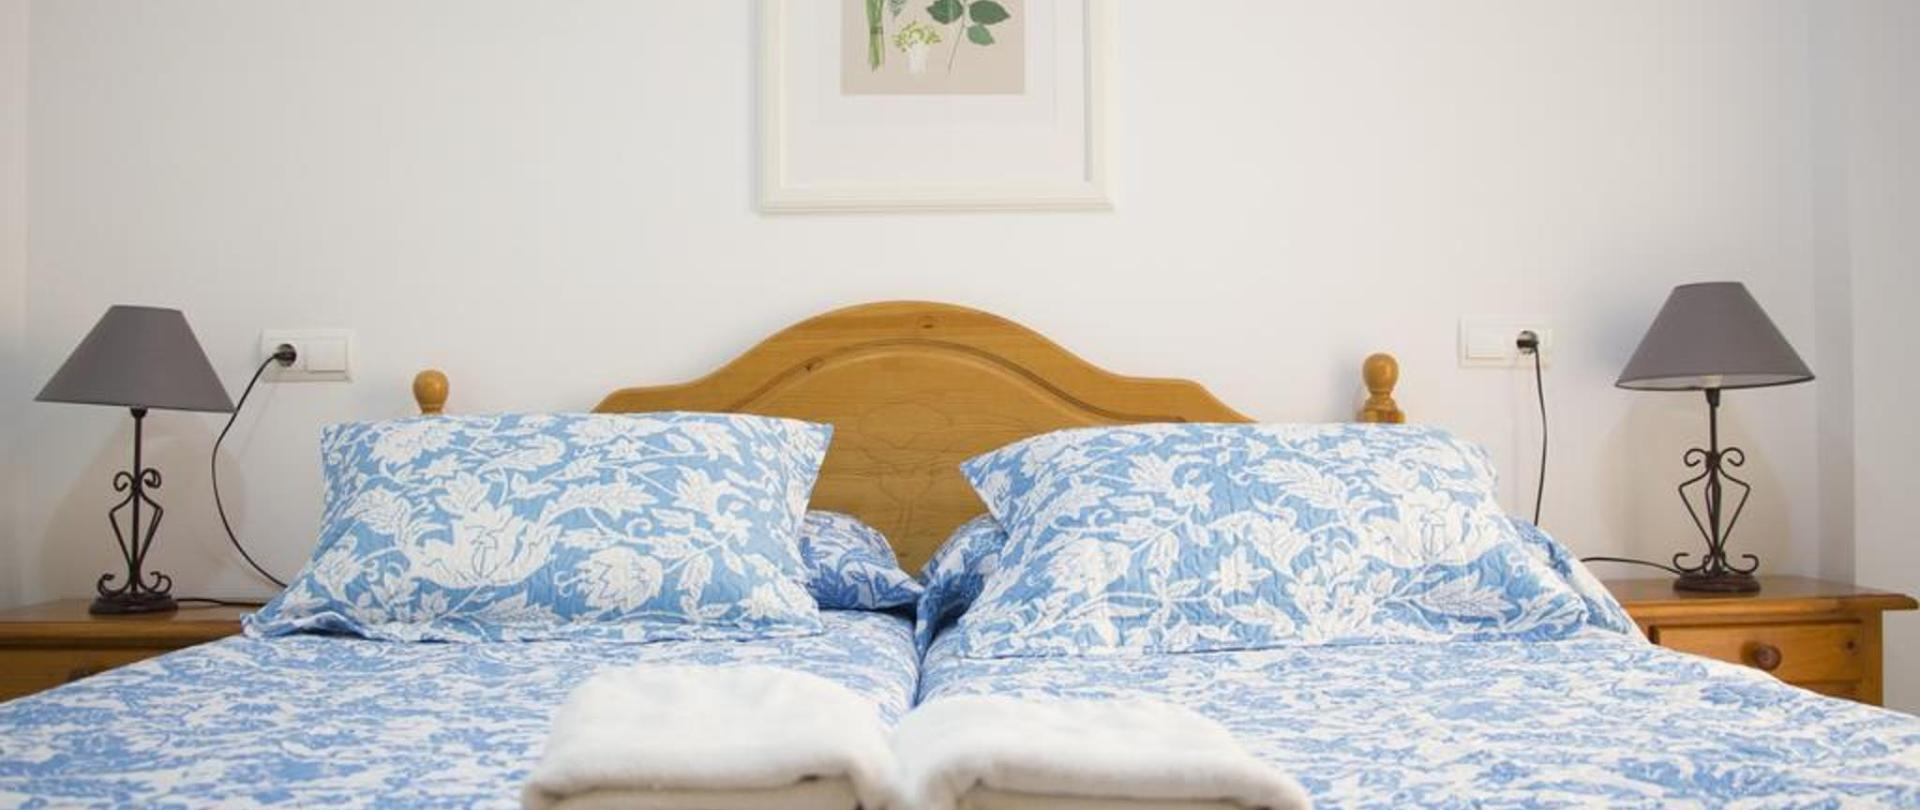 dormitorio1.png